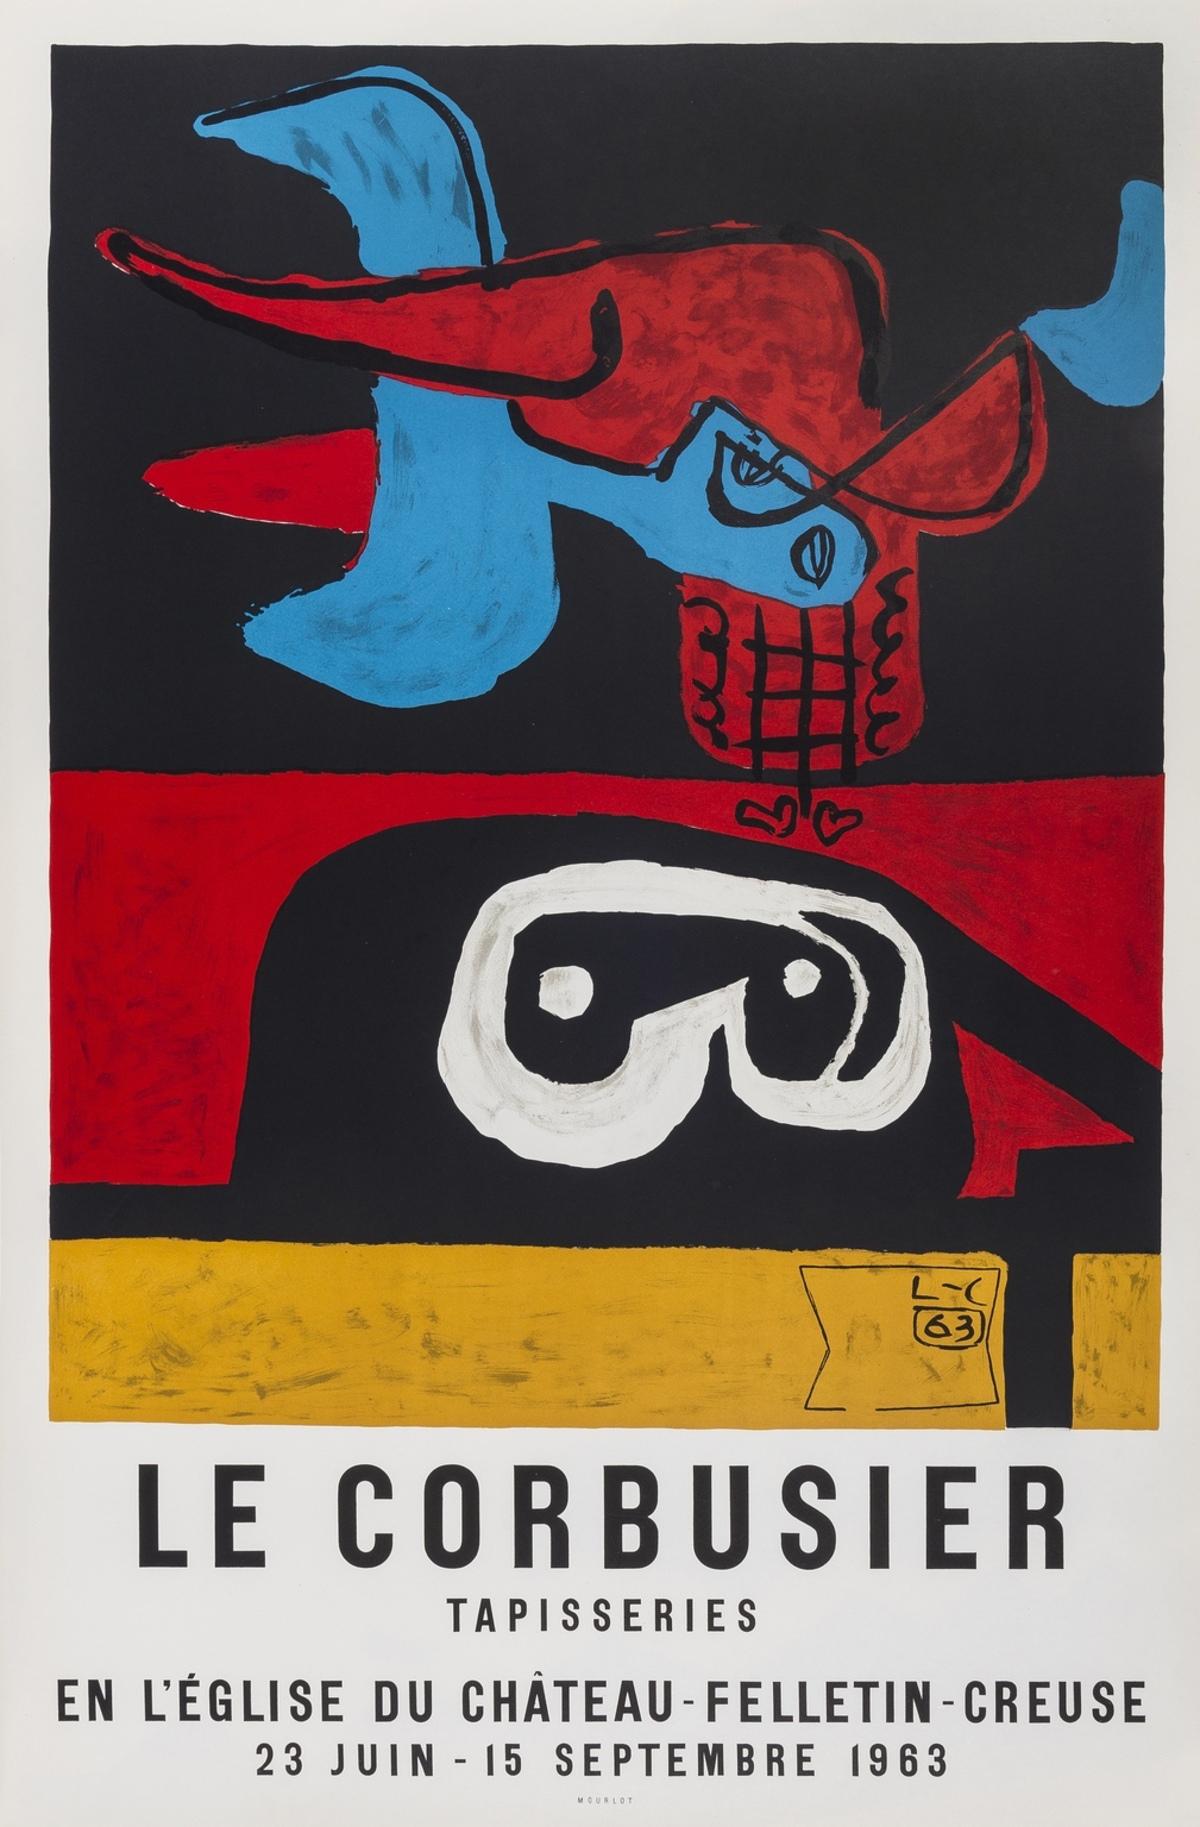 Le Corbusier (1887-1965) Affiche pour la Tapisseries